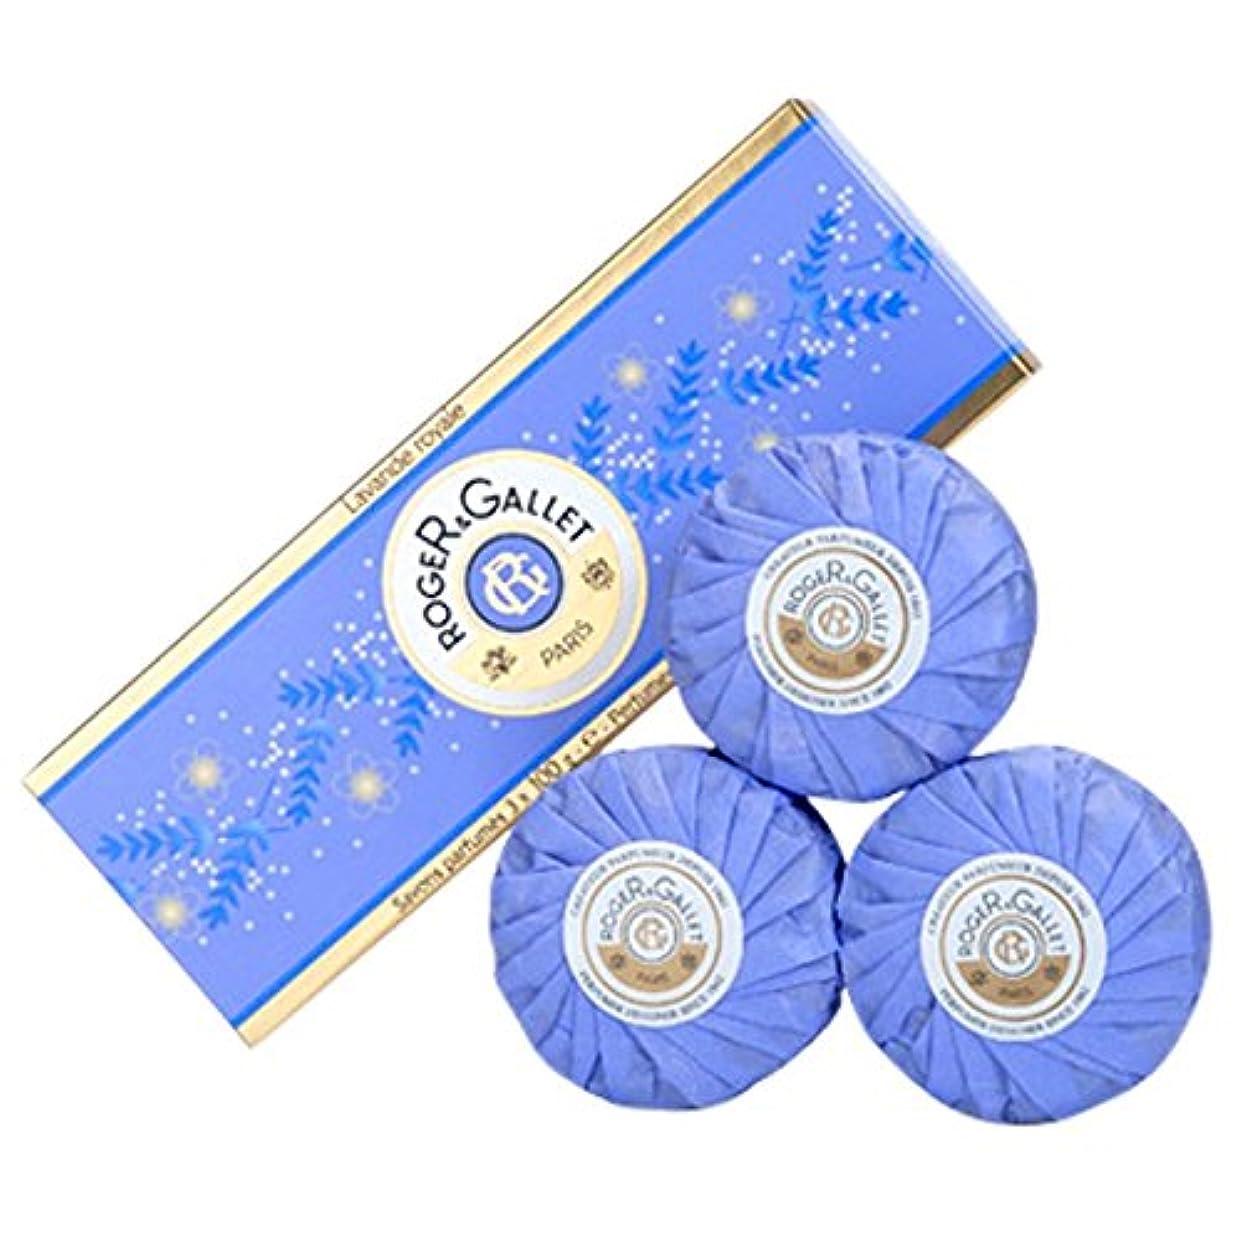 もつれ多様体お祝いロジャー&Galletのラバンデロワイヤルソープコフレ3つのX 100グラム (Roger & Gallet) - Roger & Gallet Lavande Royale Soap Coffret 3 x 100g...